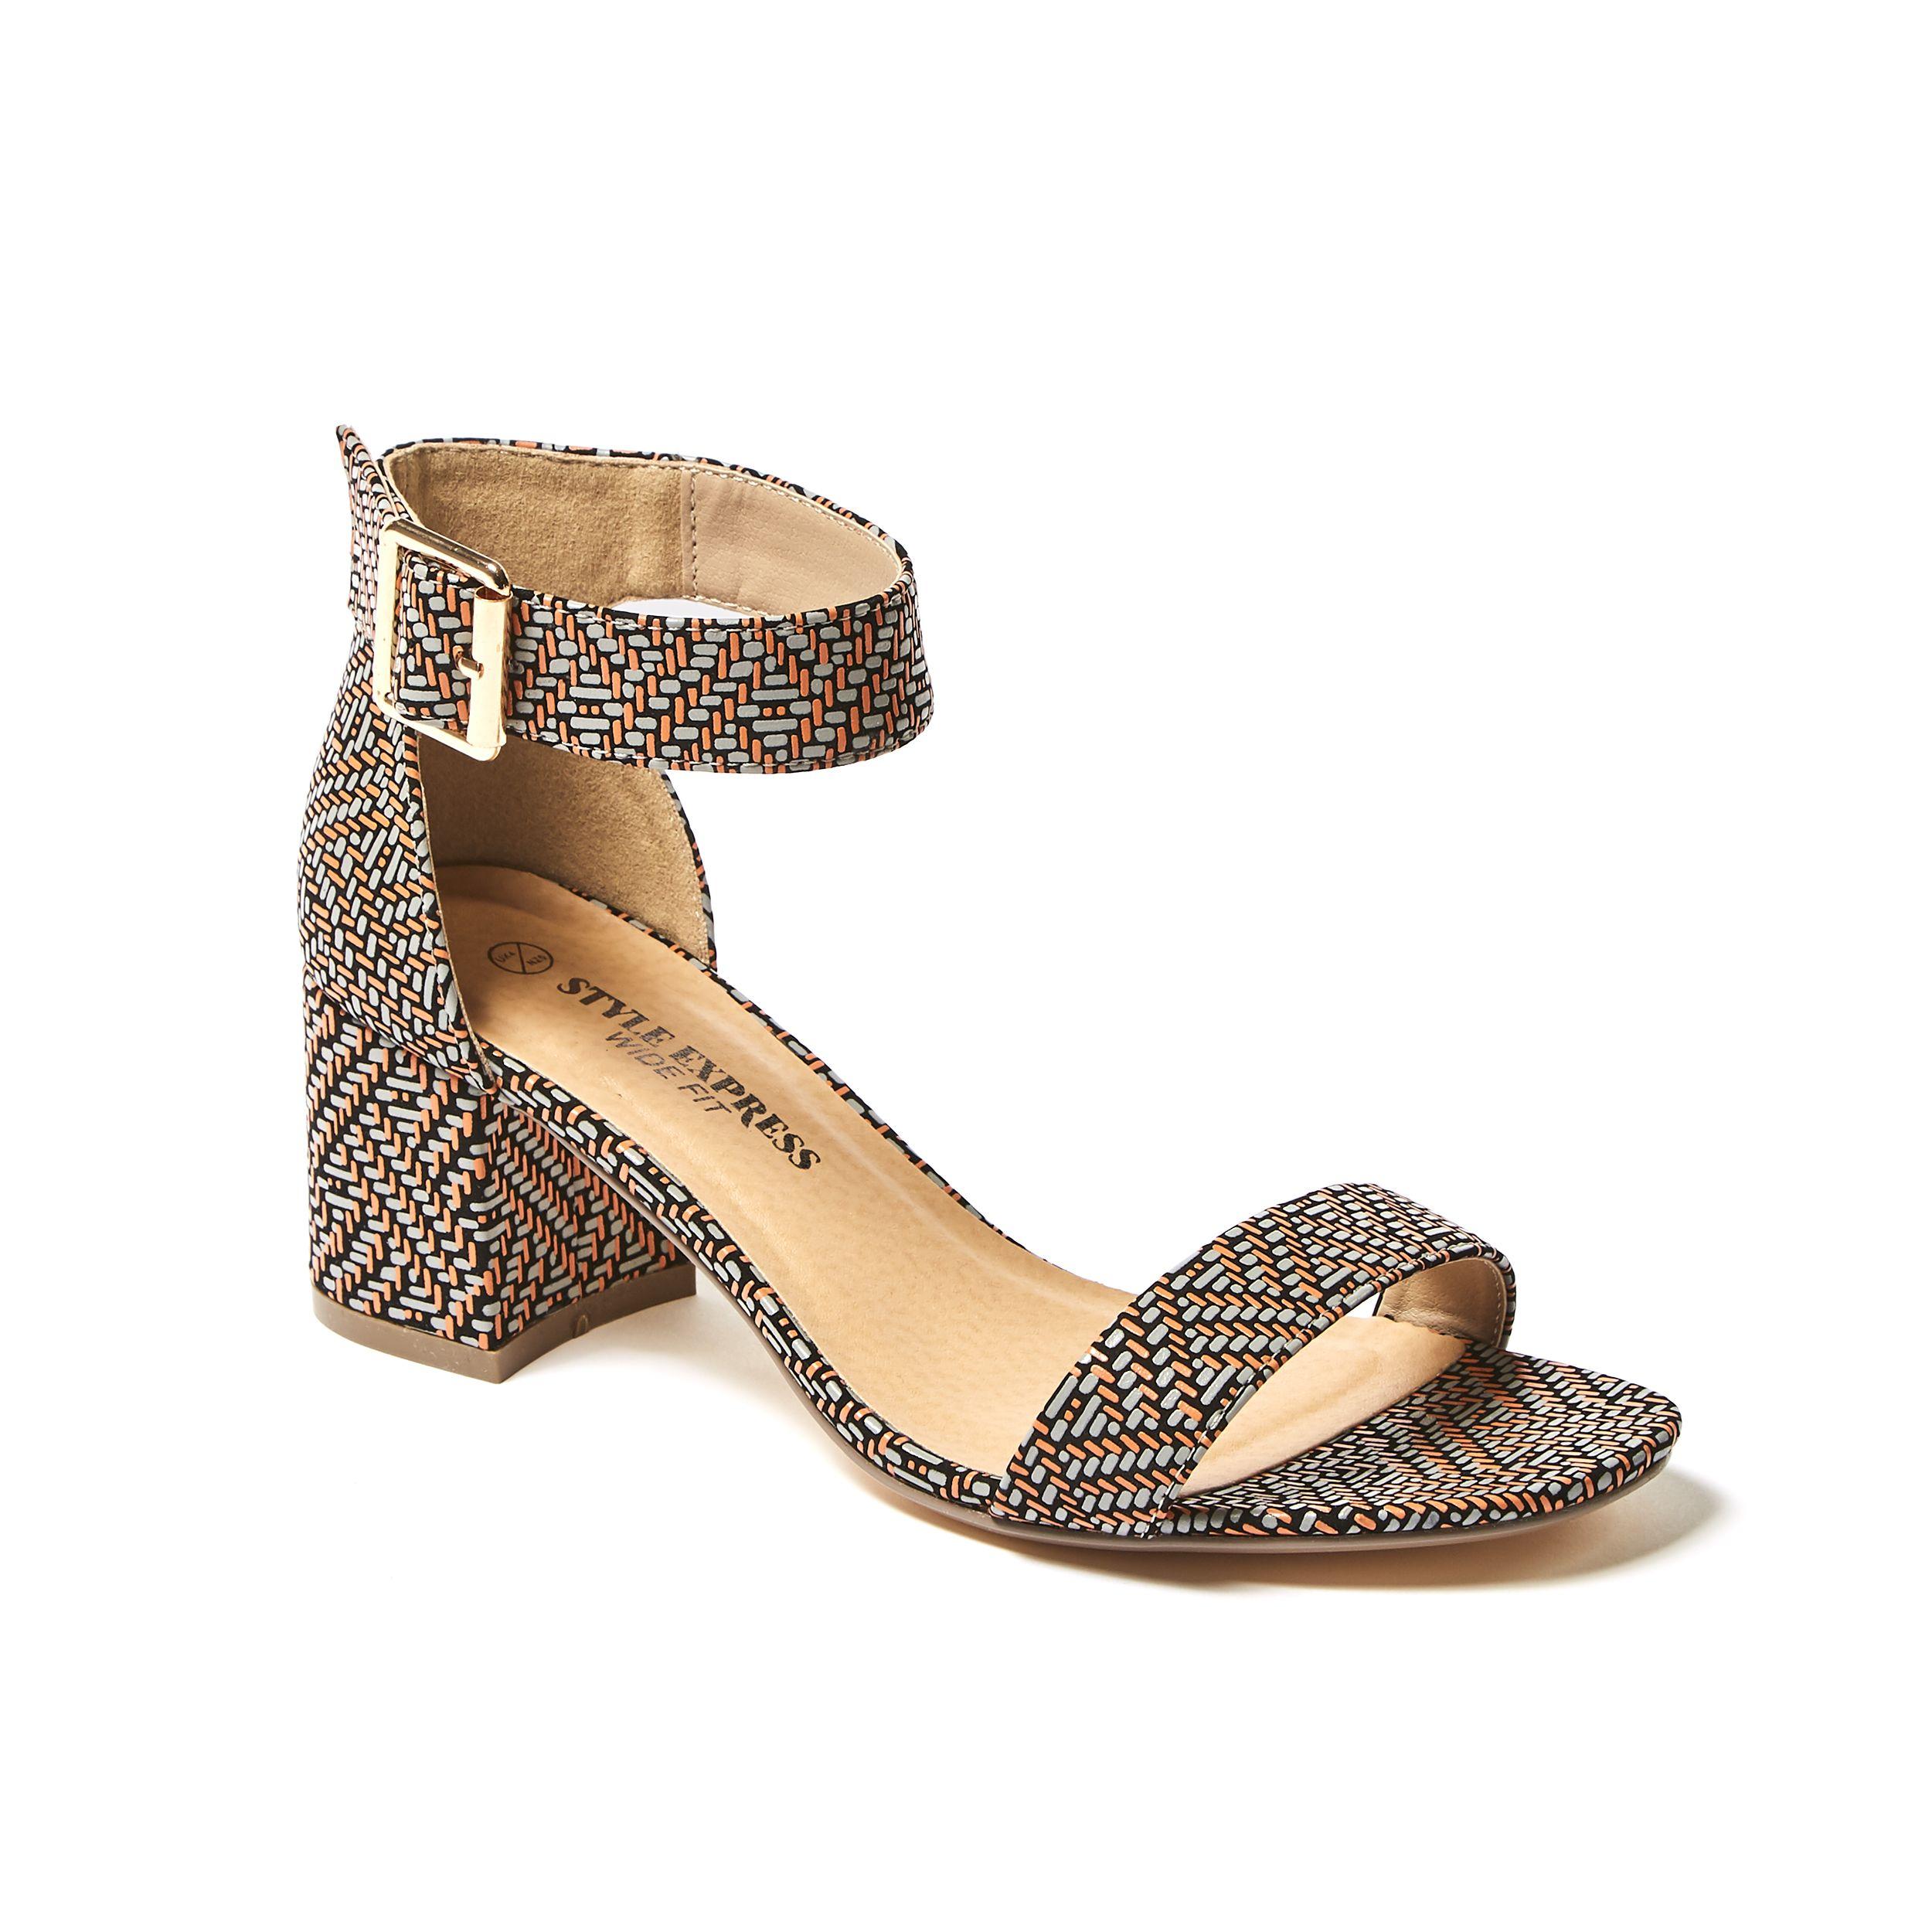 Ebony Block Heels Wide Fit Black Number One Shoes Heels Womens Heels Number One Shoes